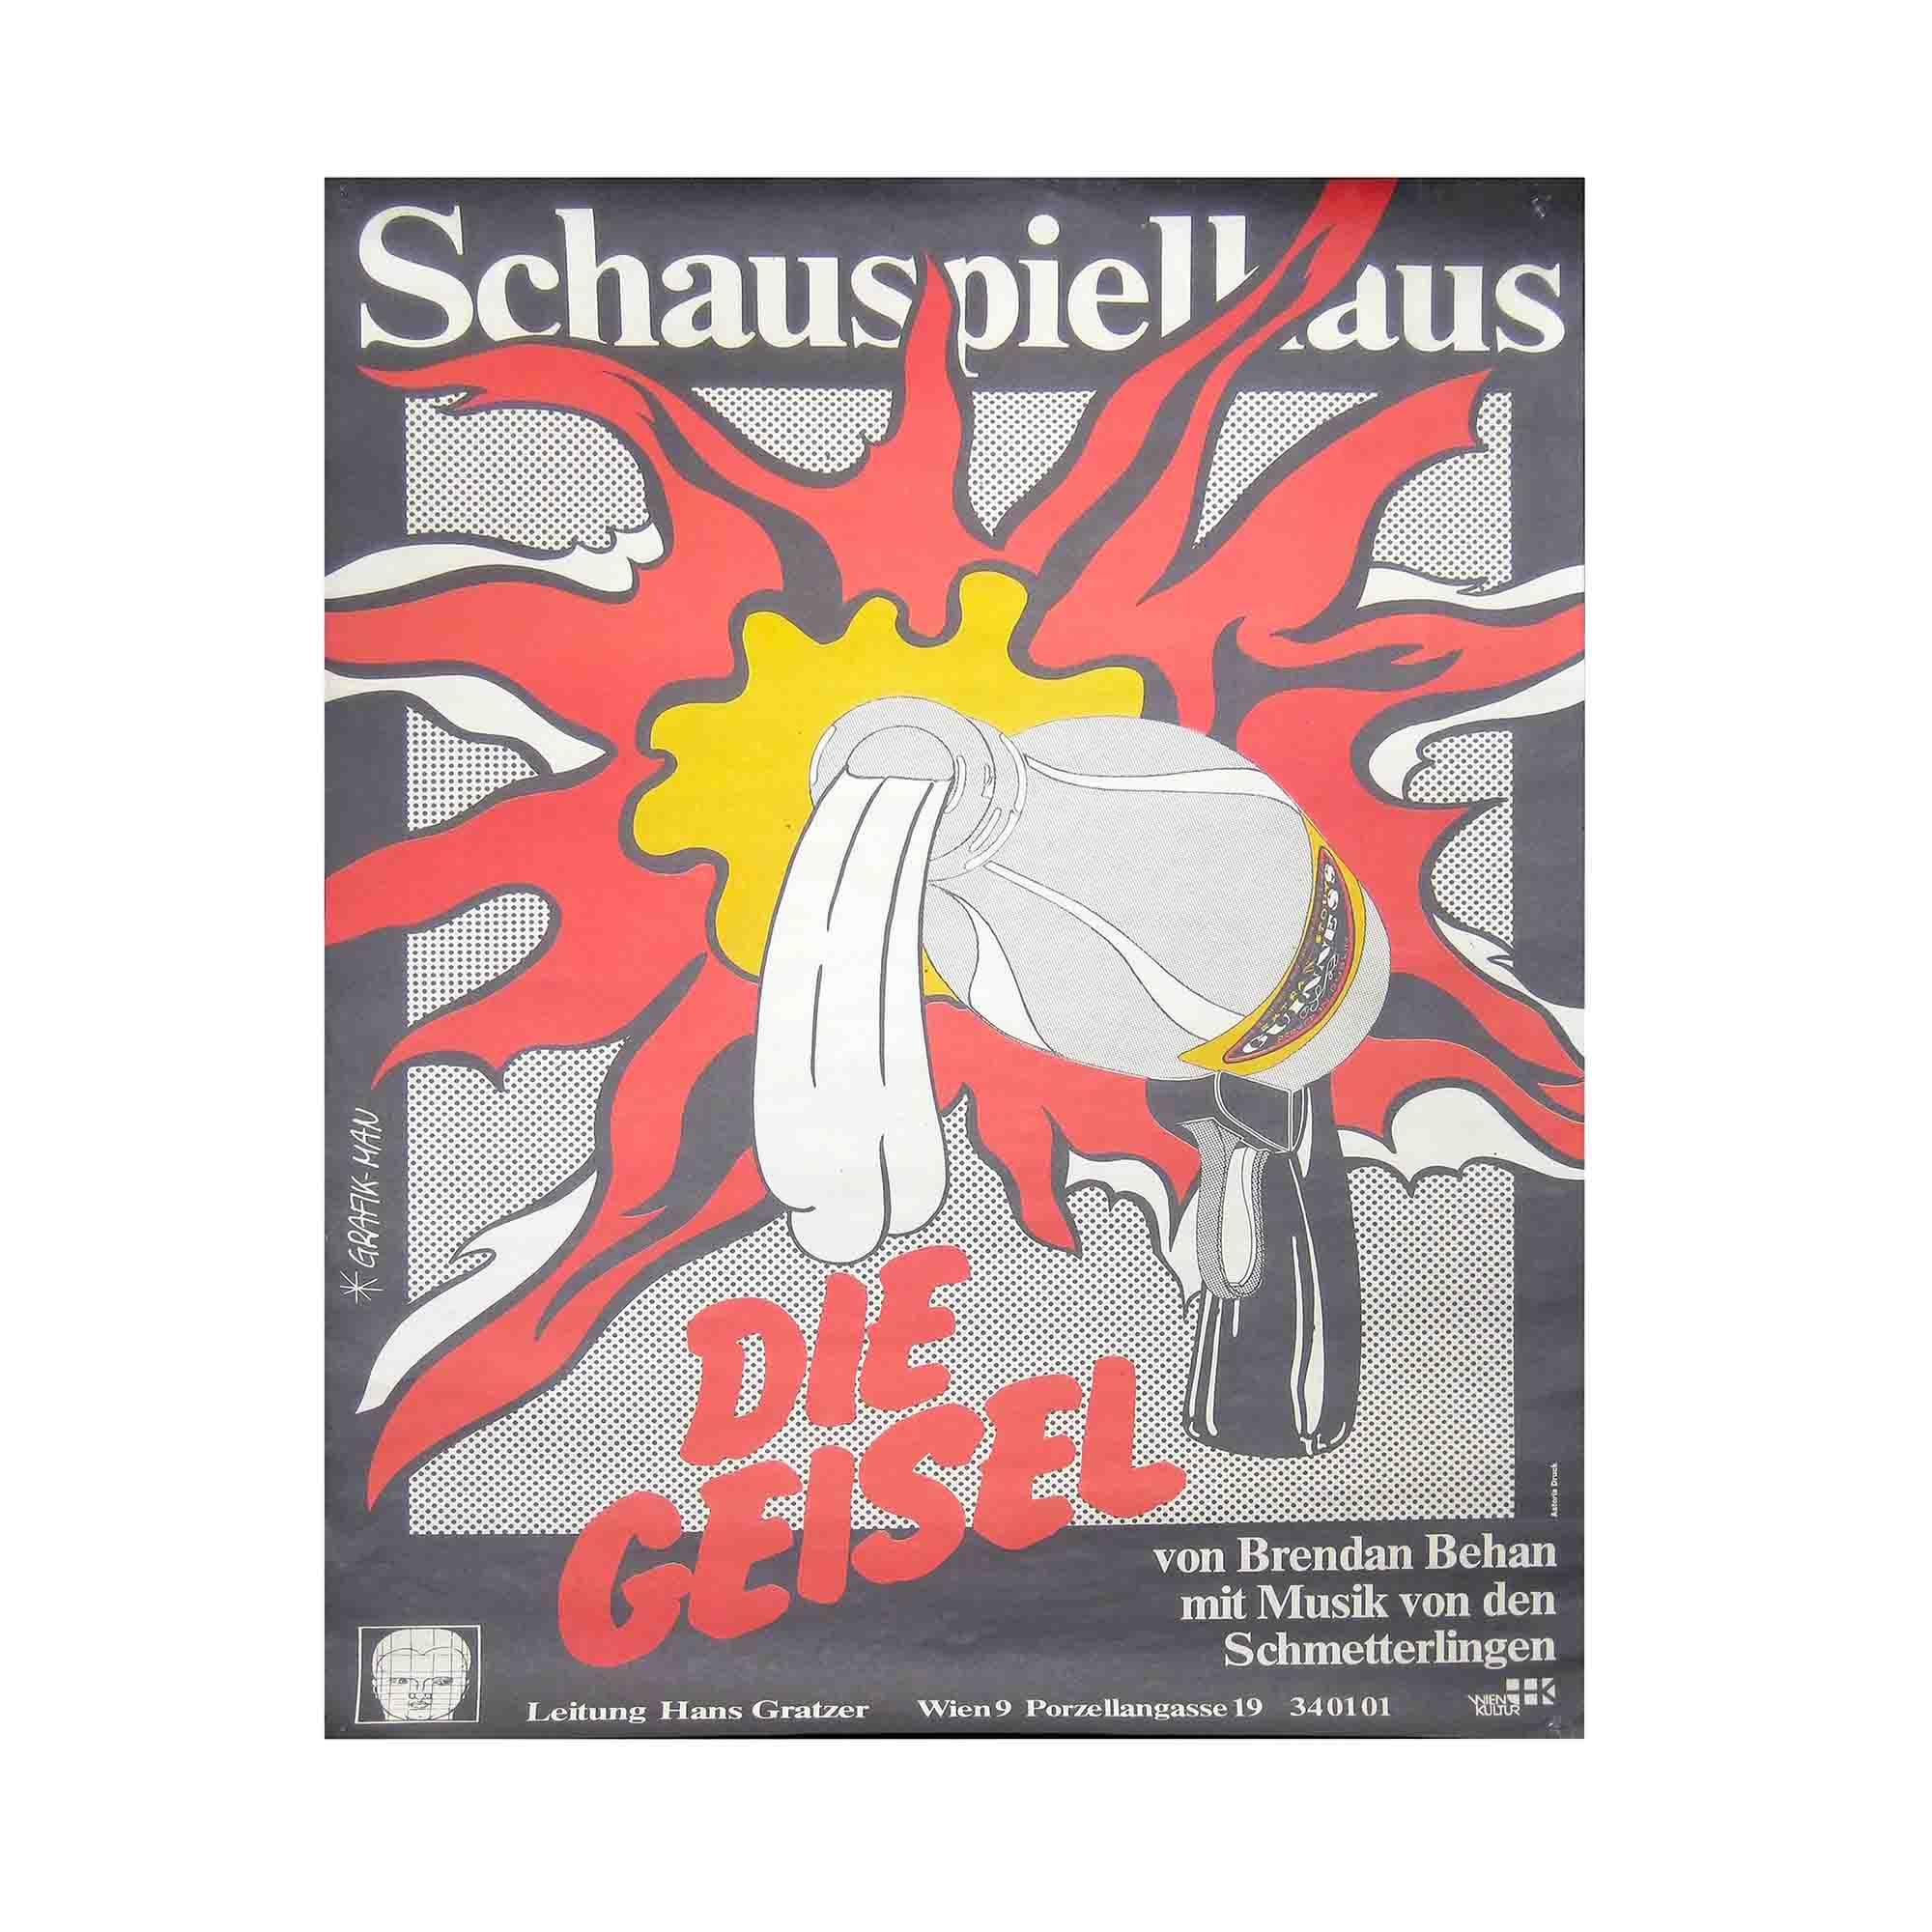 8051-Grafik-Man-Behan-Geisel-Schauspielhaus-1981-N.jpg